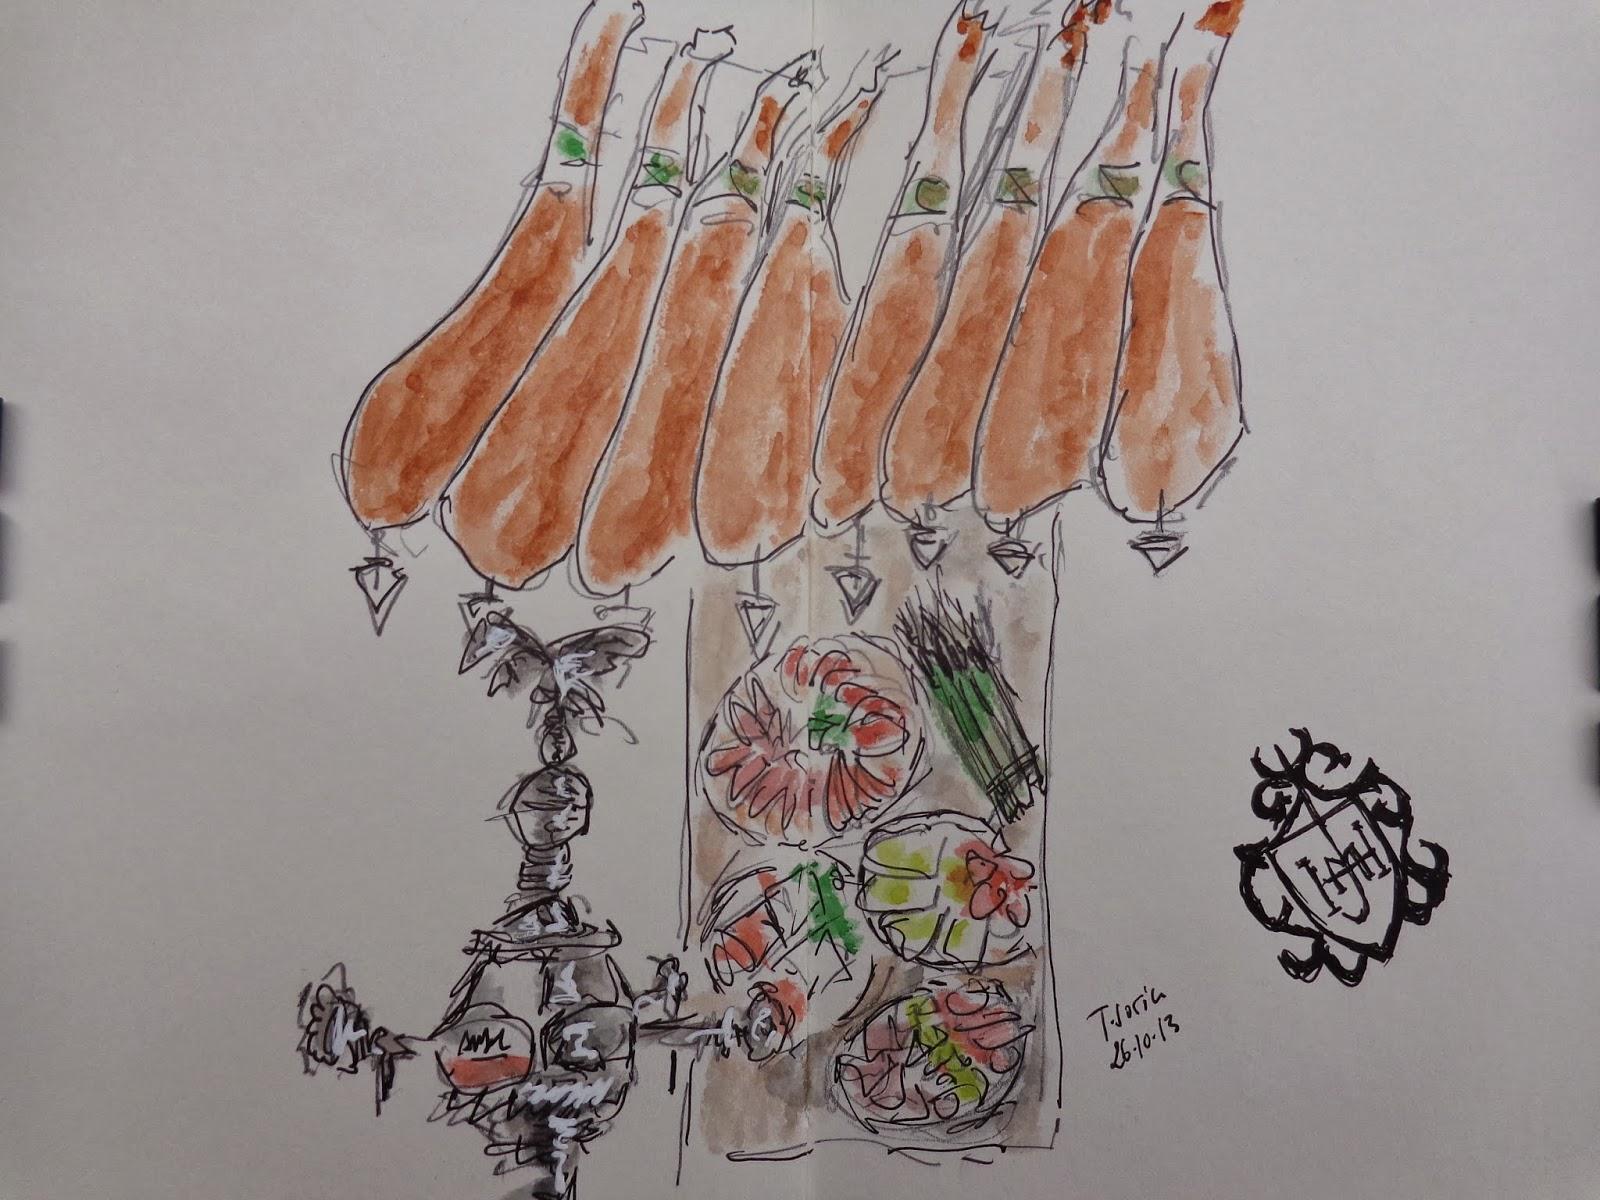 Concurso De Dibujo Urbano En Libreta Fnac Madrid: Watercoloreando Y Mas.: 1er Concurso De FNAC Callao De